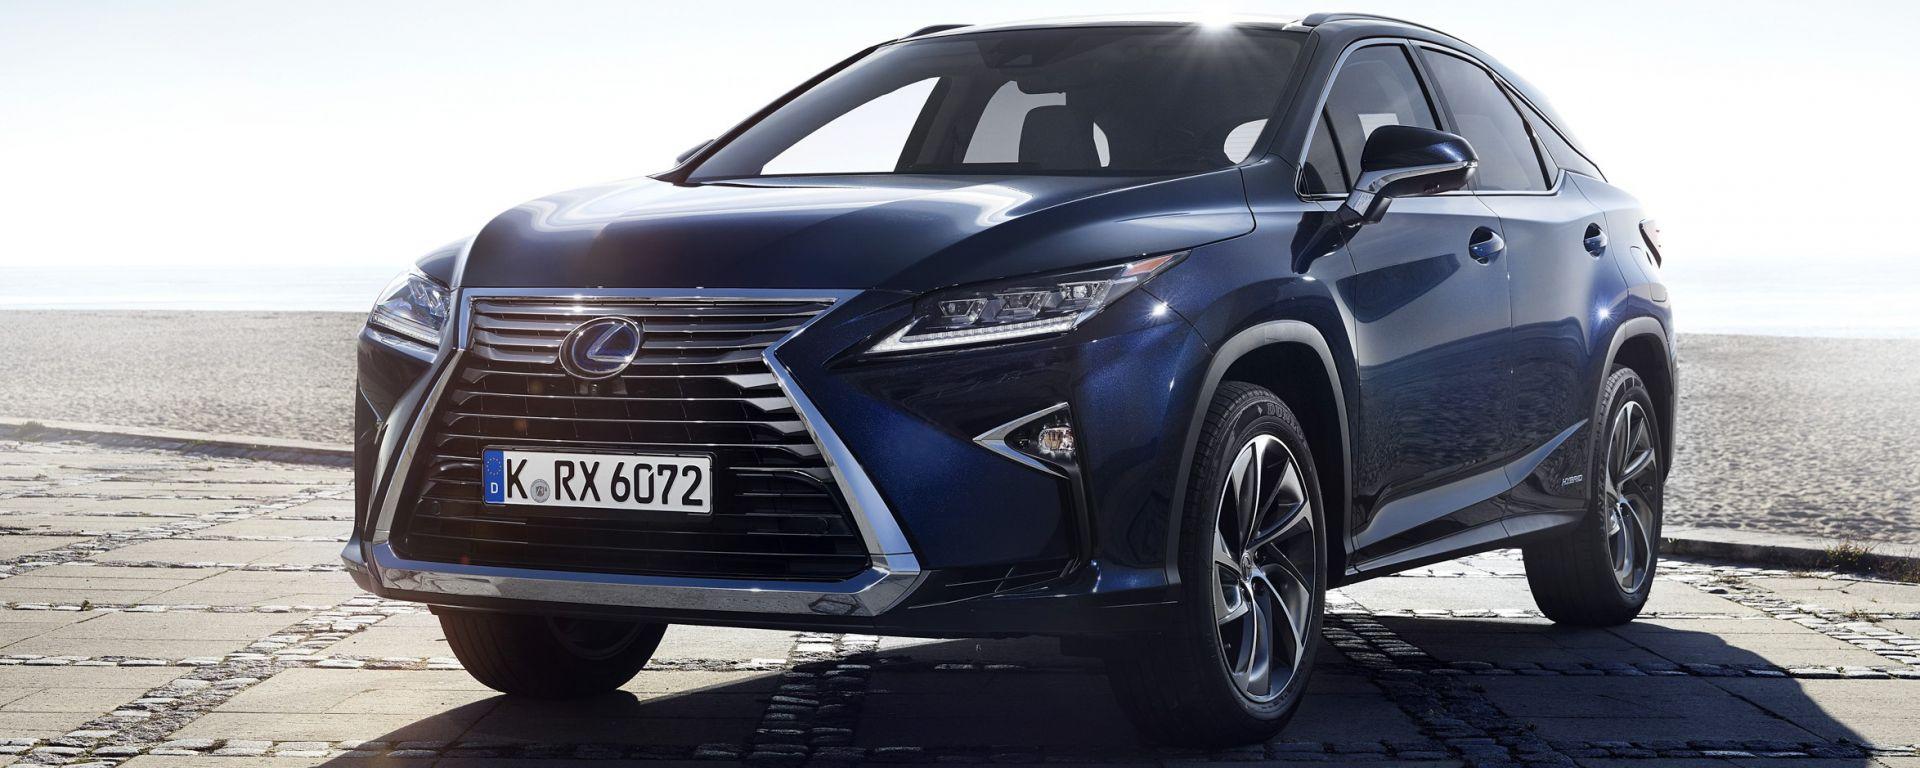 novità auto: lexus rx 450h: prezzi e allestimenti - motorbox